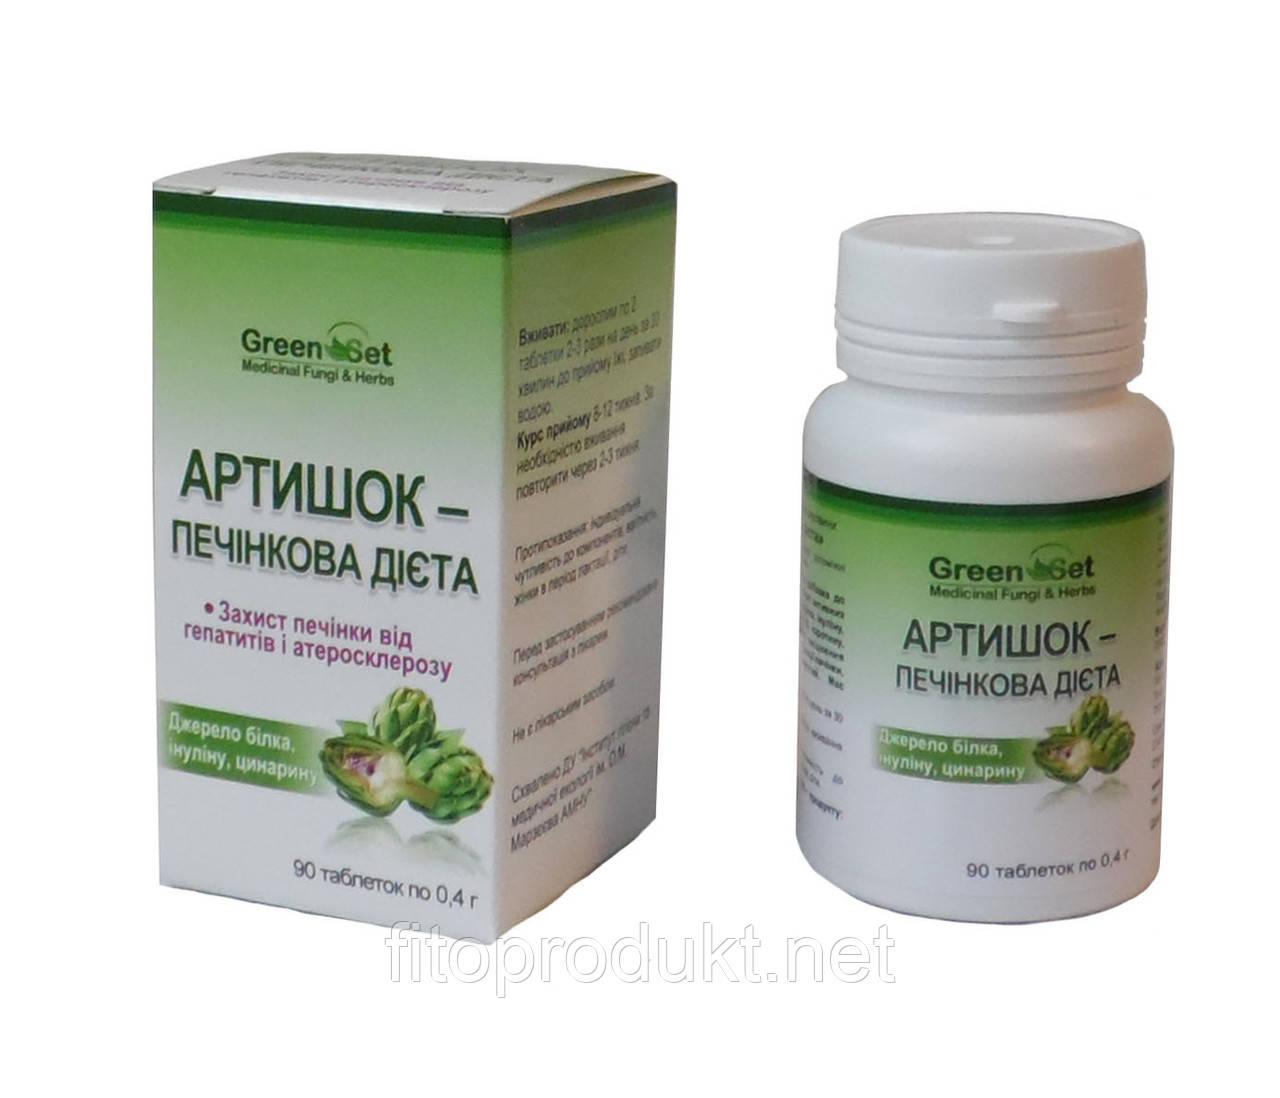 Артишок печеночная диета (Cynara scolymus) добавка 90 таблеток Даникафарм